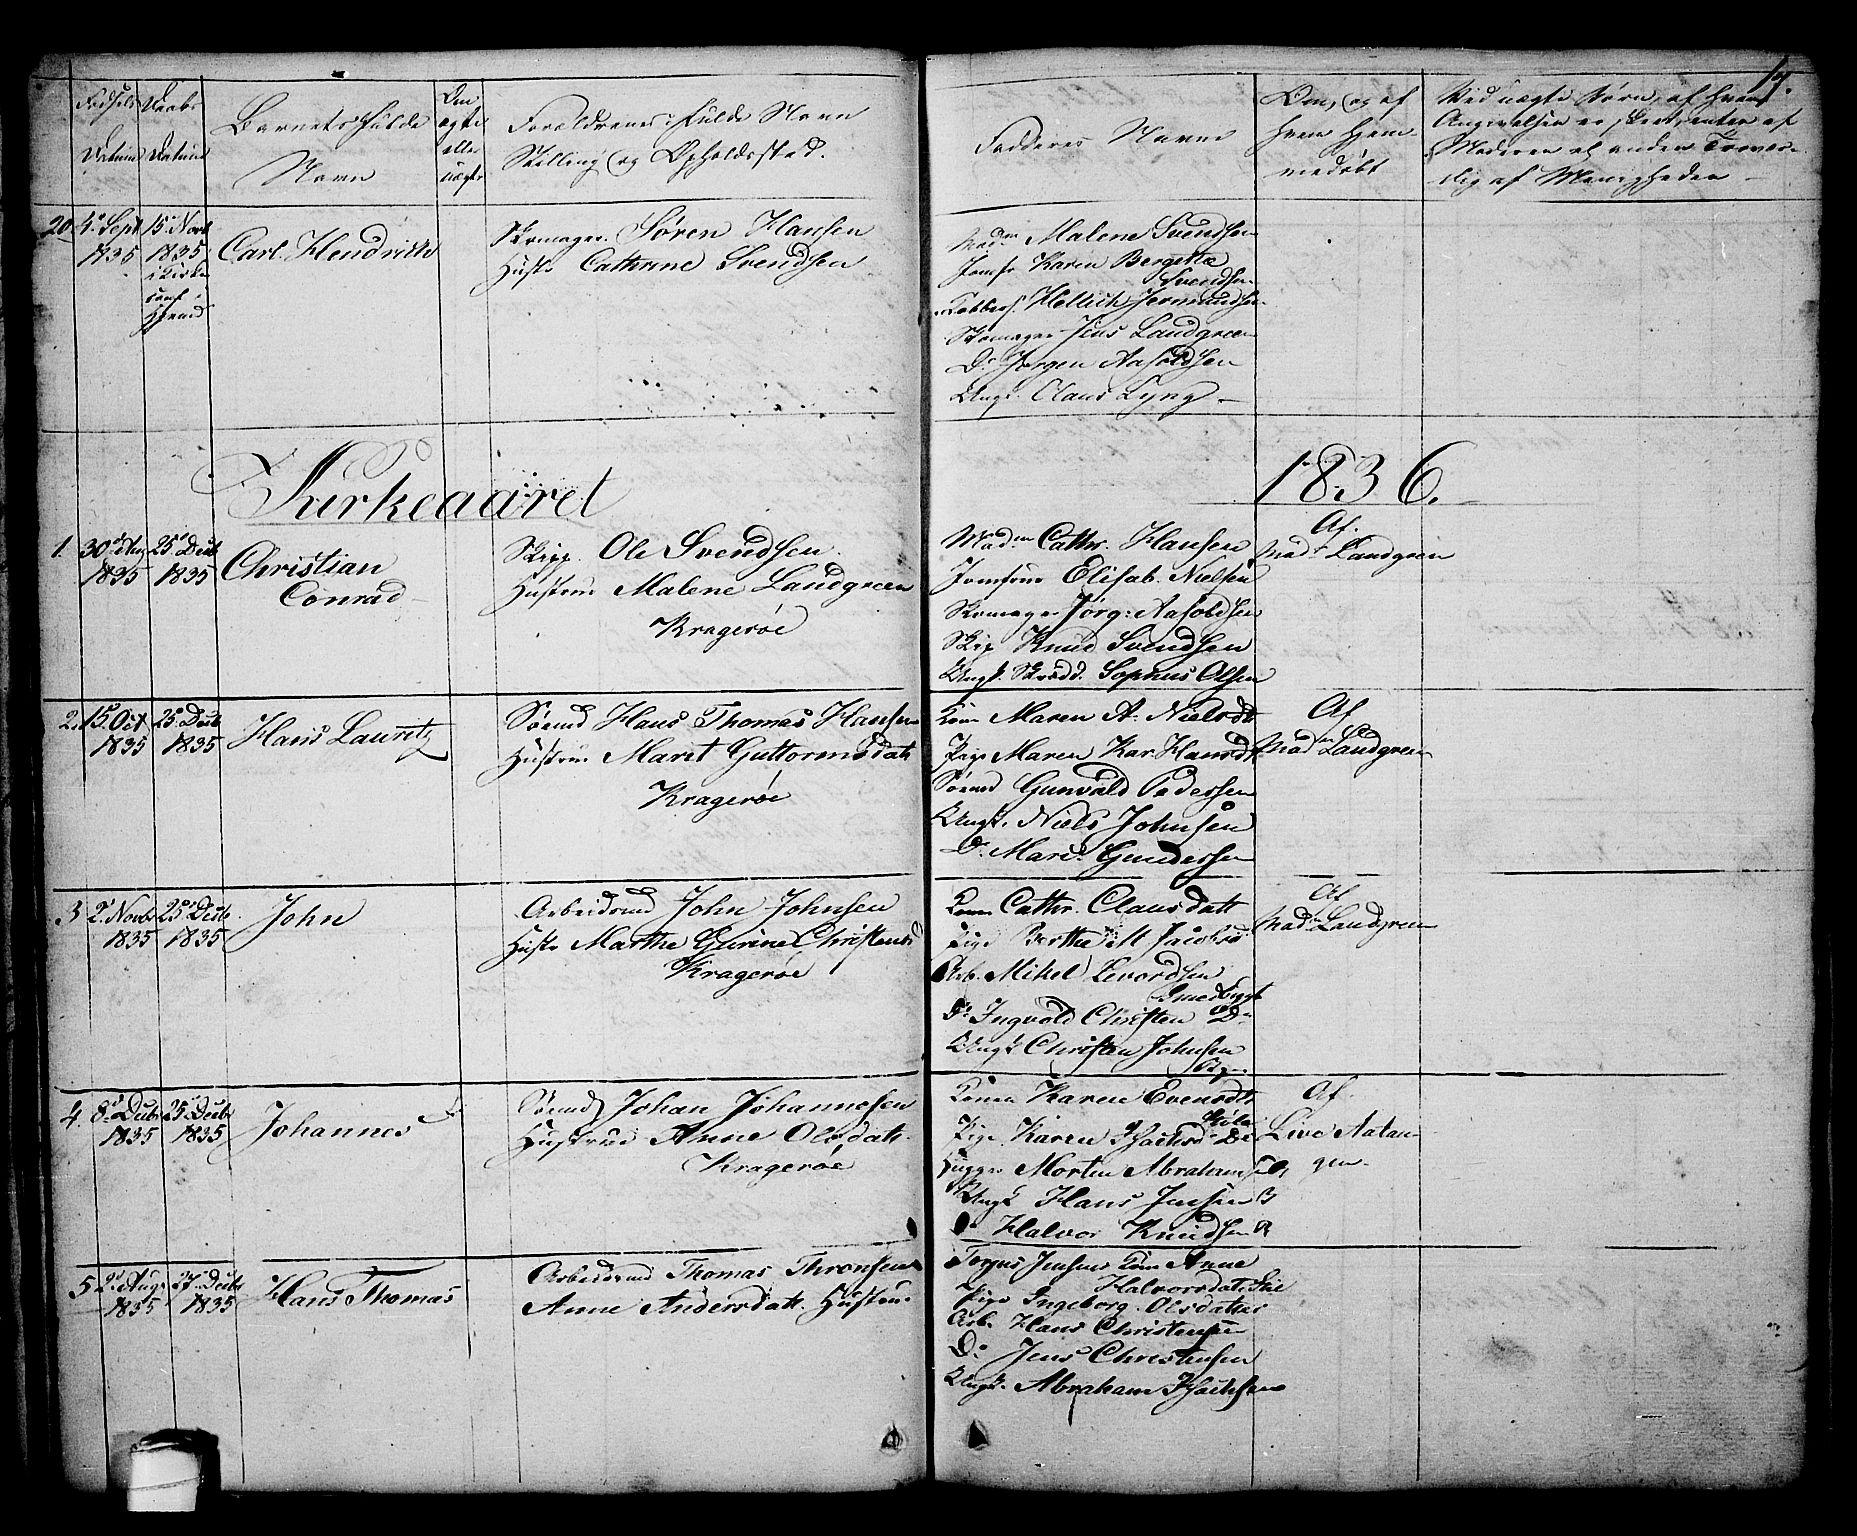 SAKO, Kragerø kirkebøker, G/Ga/L0003: Klokkerbok nr. 3, 1832-1852, s. 17